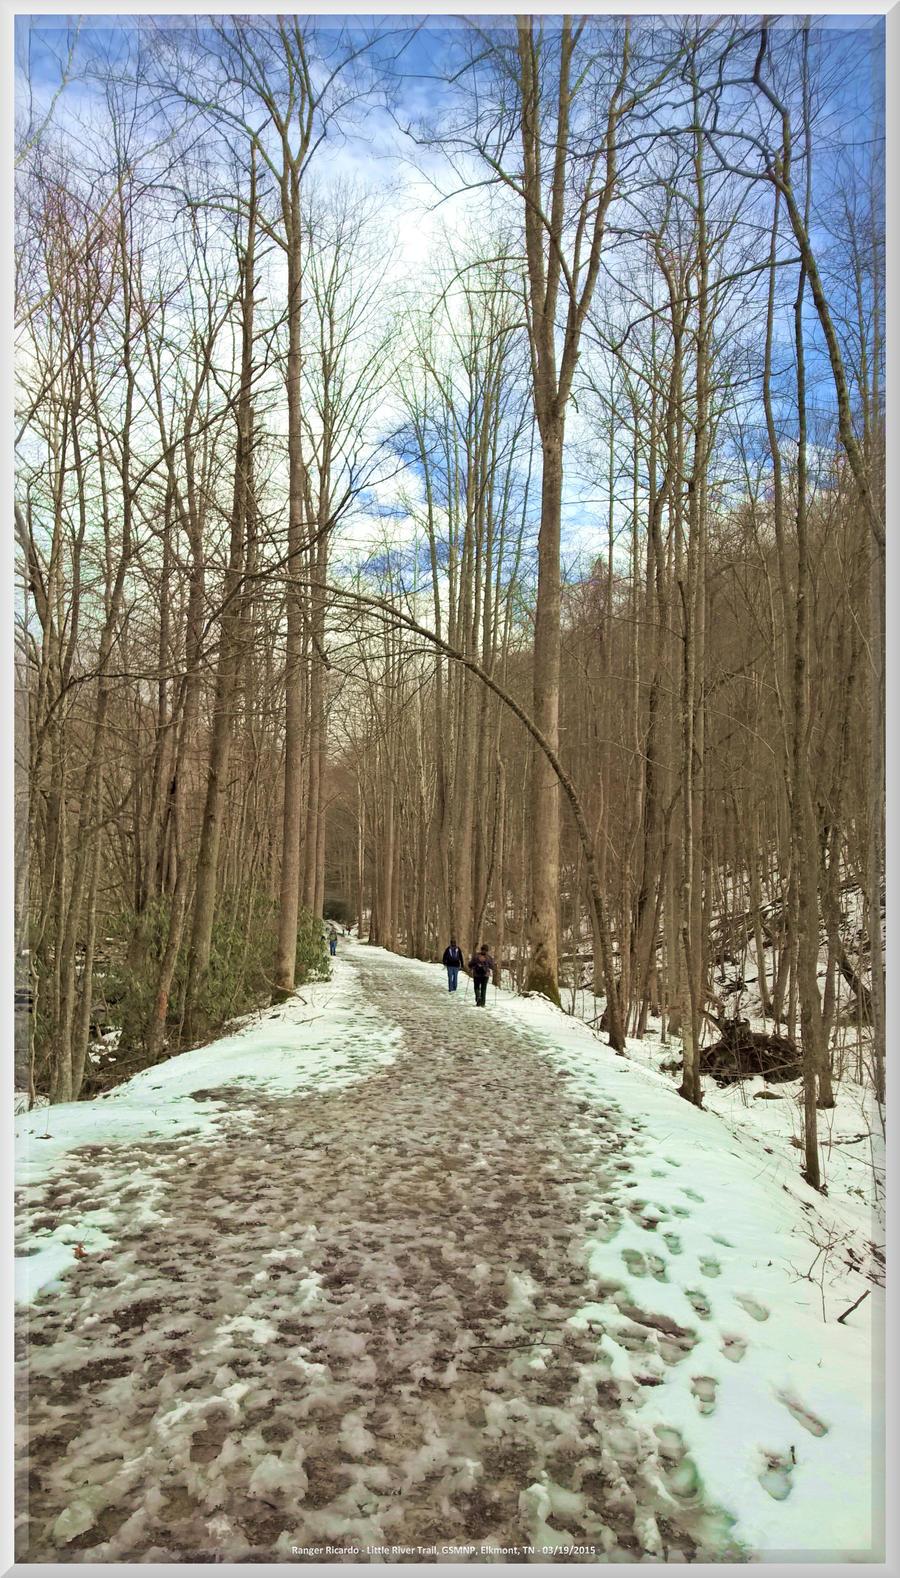 Little River Trail Scenery 013